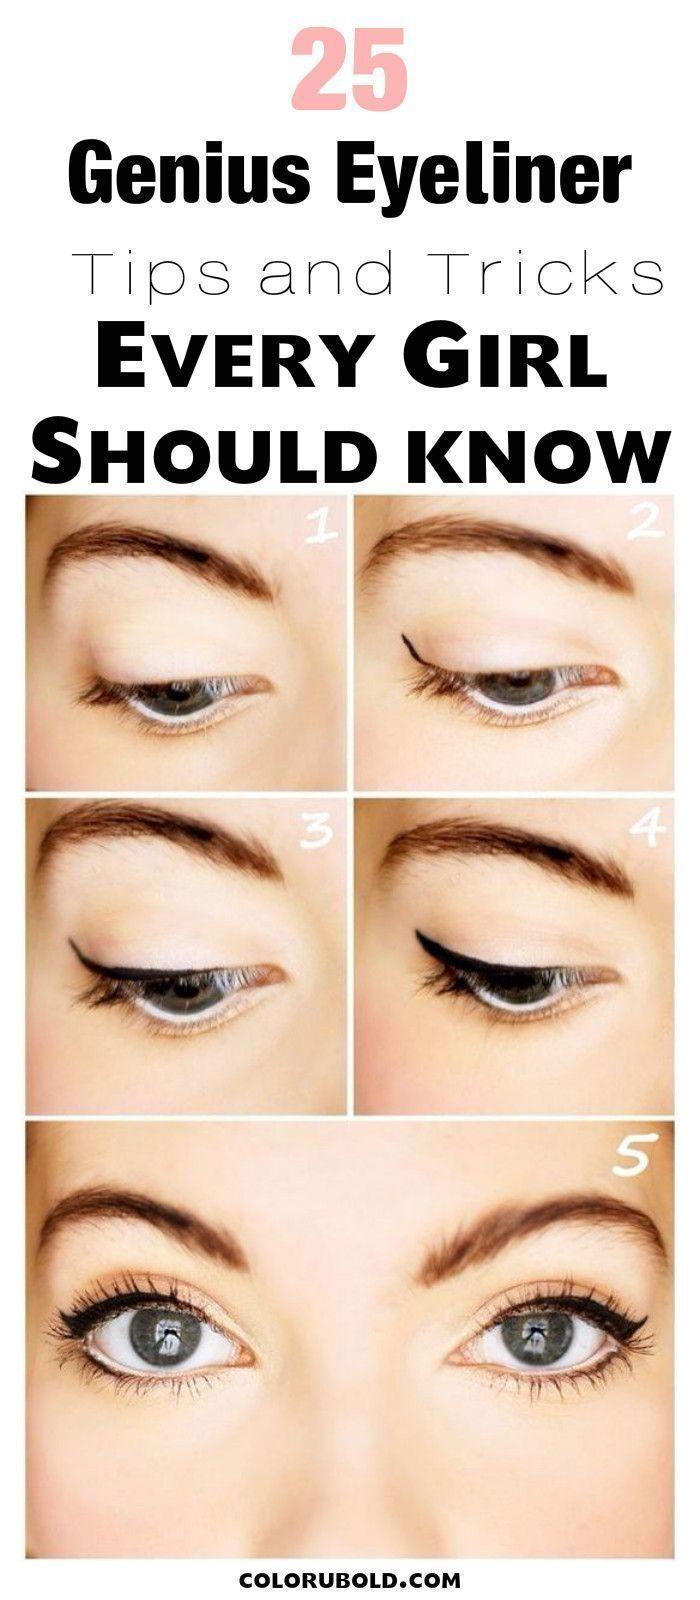 Eyeliner tips and tricks for beginners #eyemakeupforbeginners #cattipsandtricks